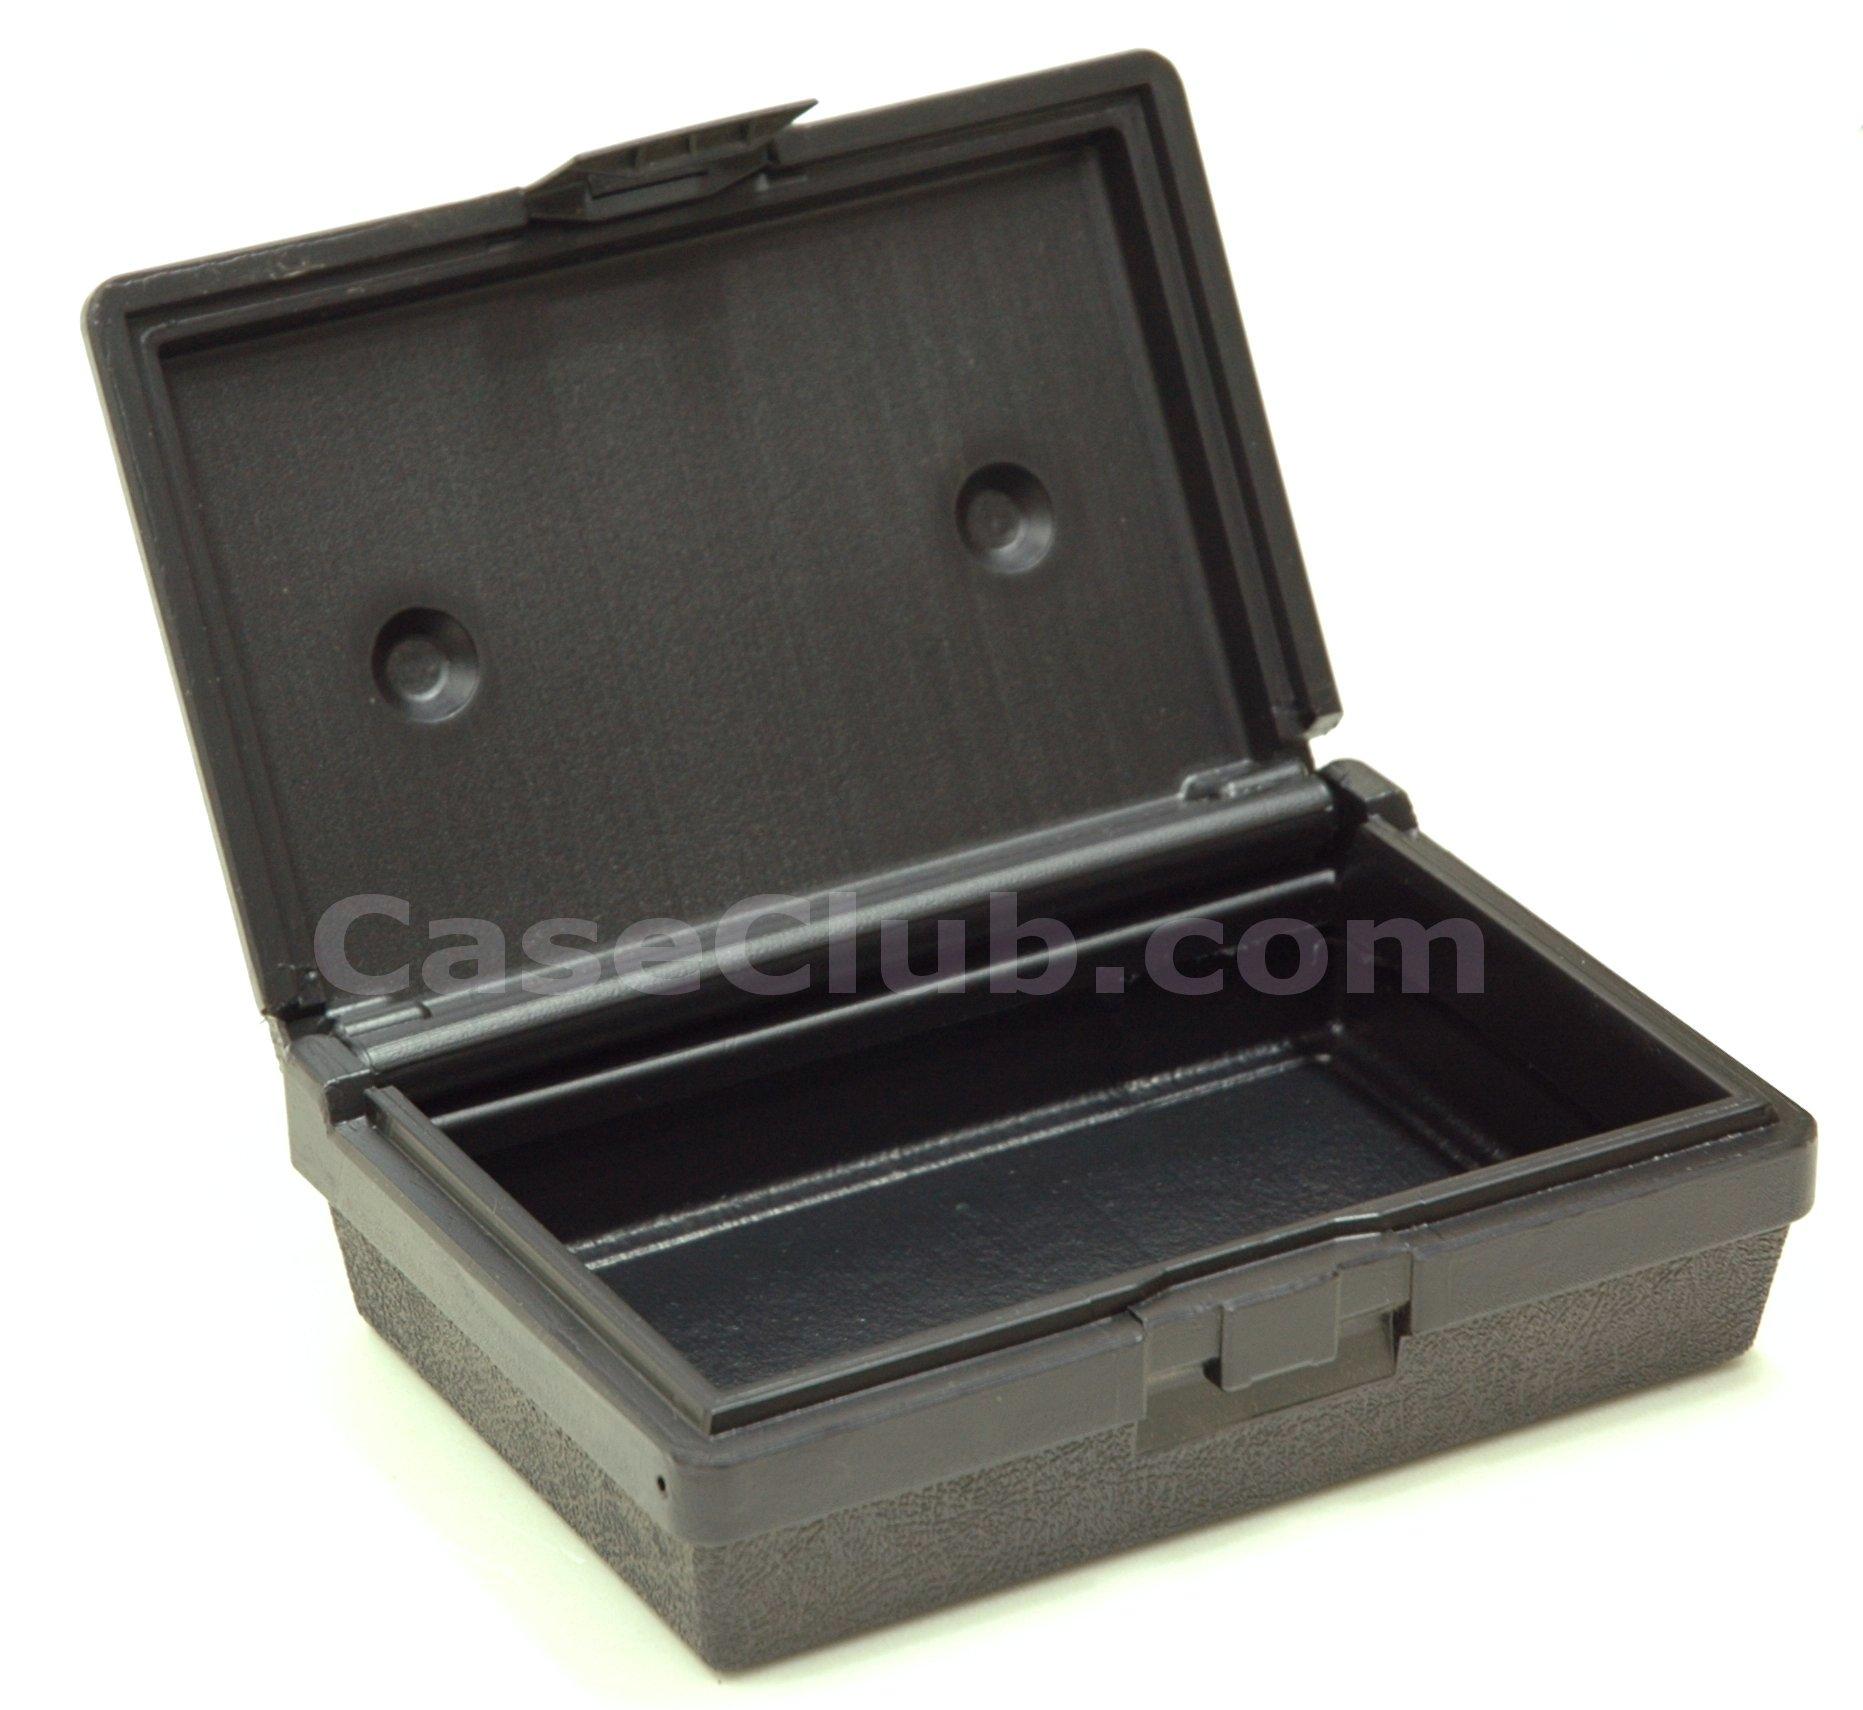 W8.0x5.5x2.5 Case